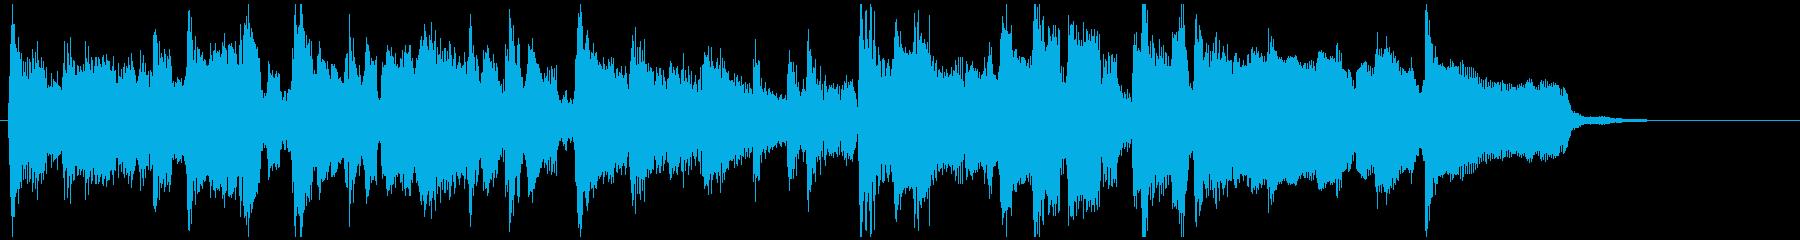 柔らかいジャズロック系の15秒ジングルの再生済みの波形